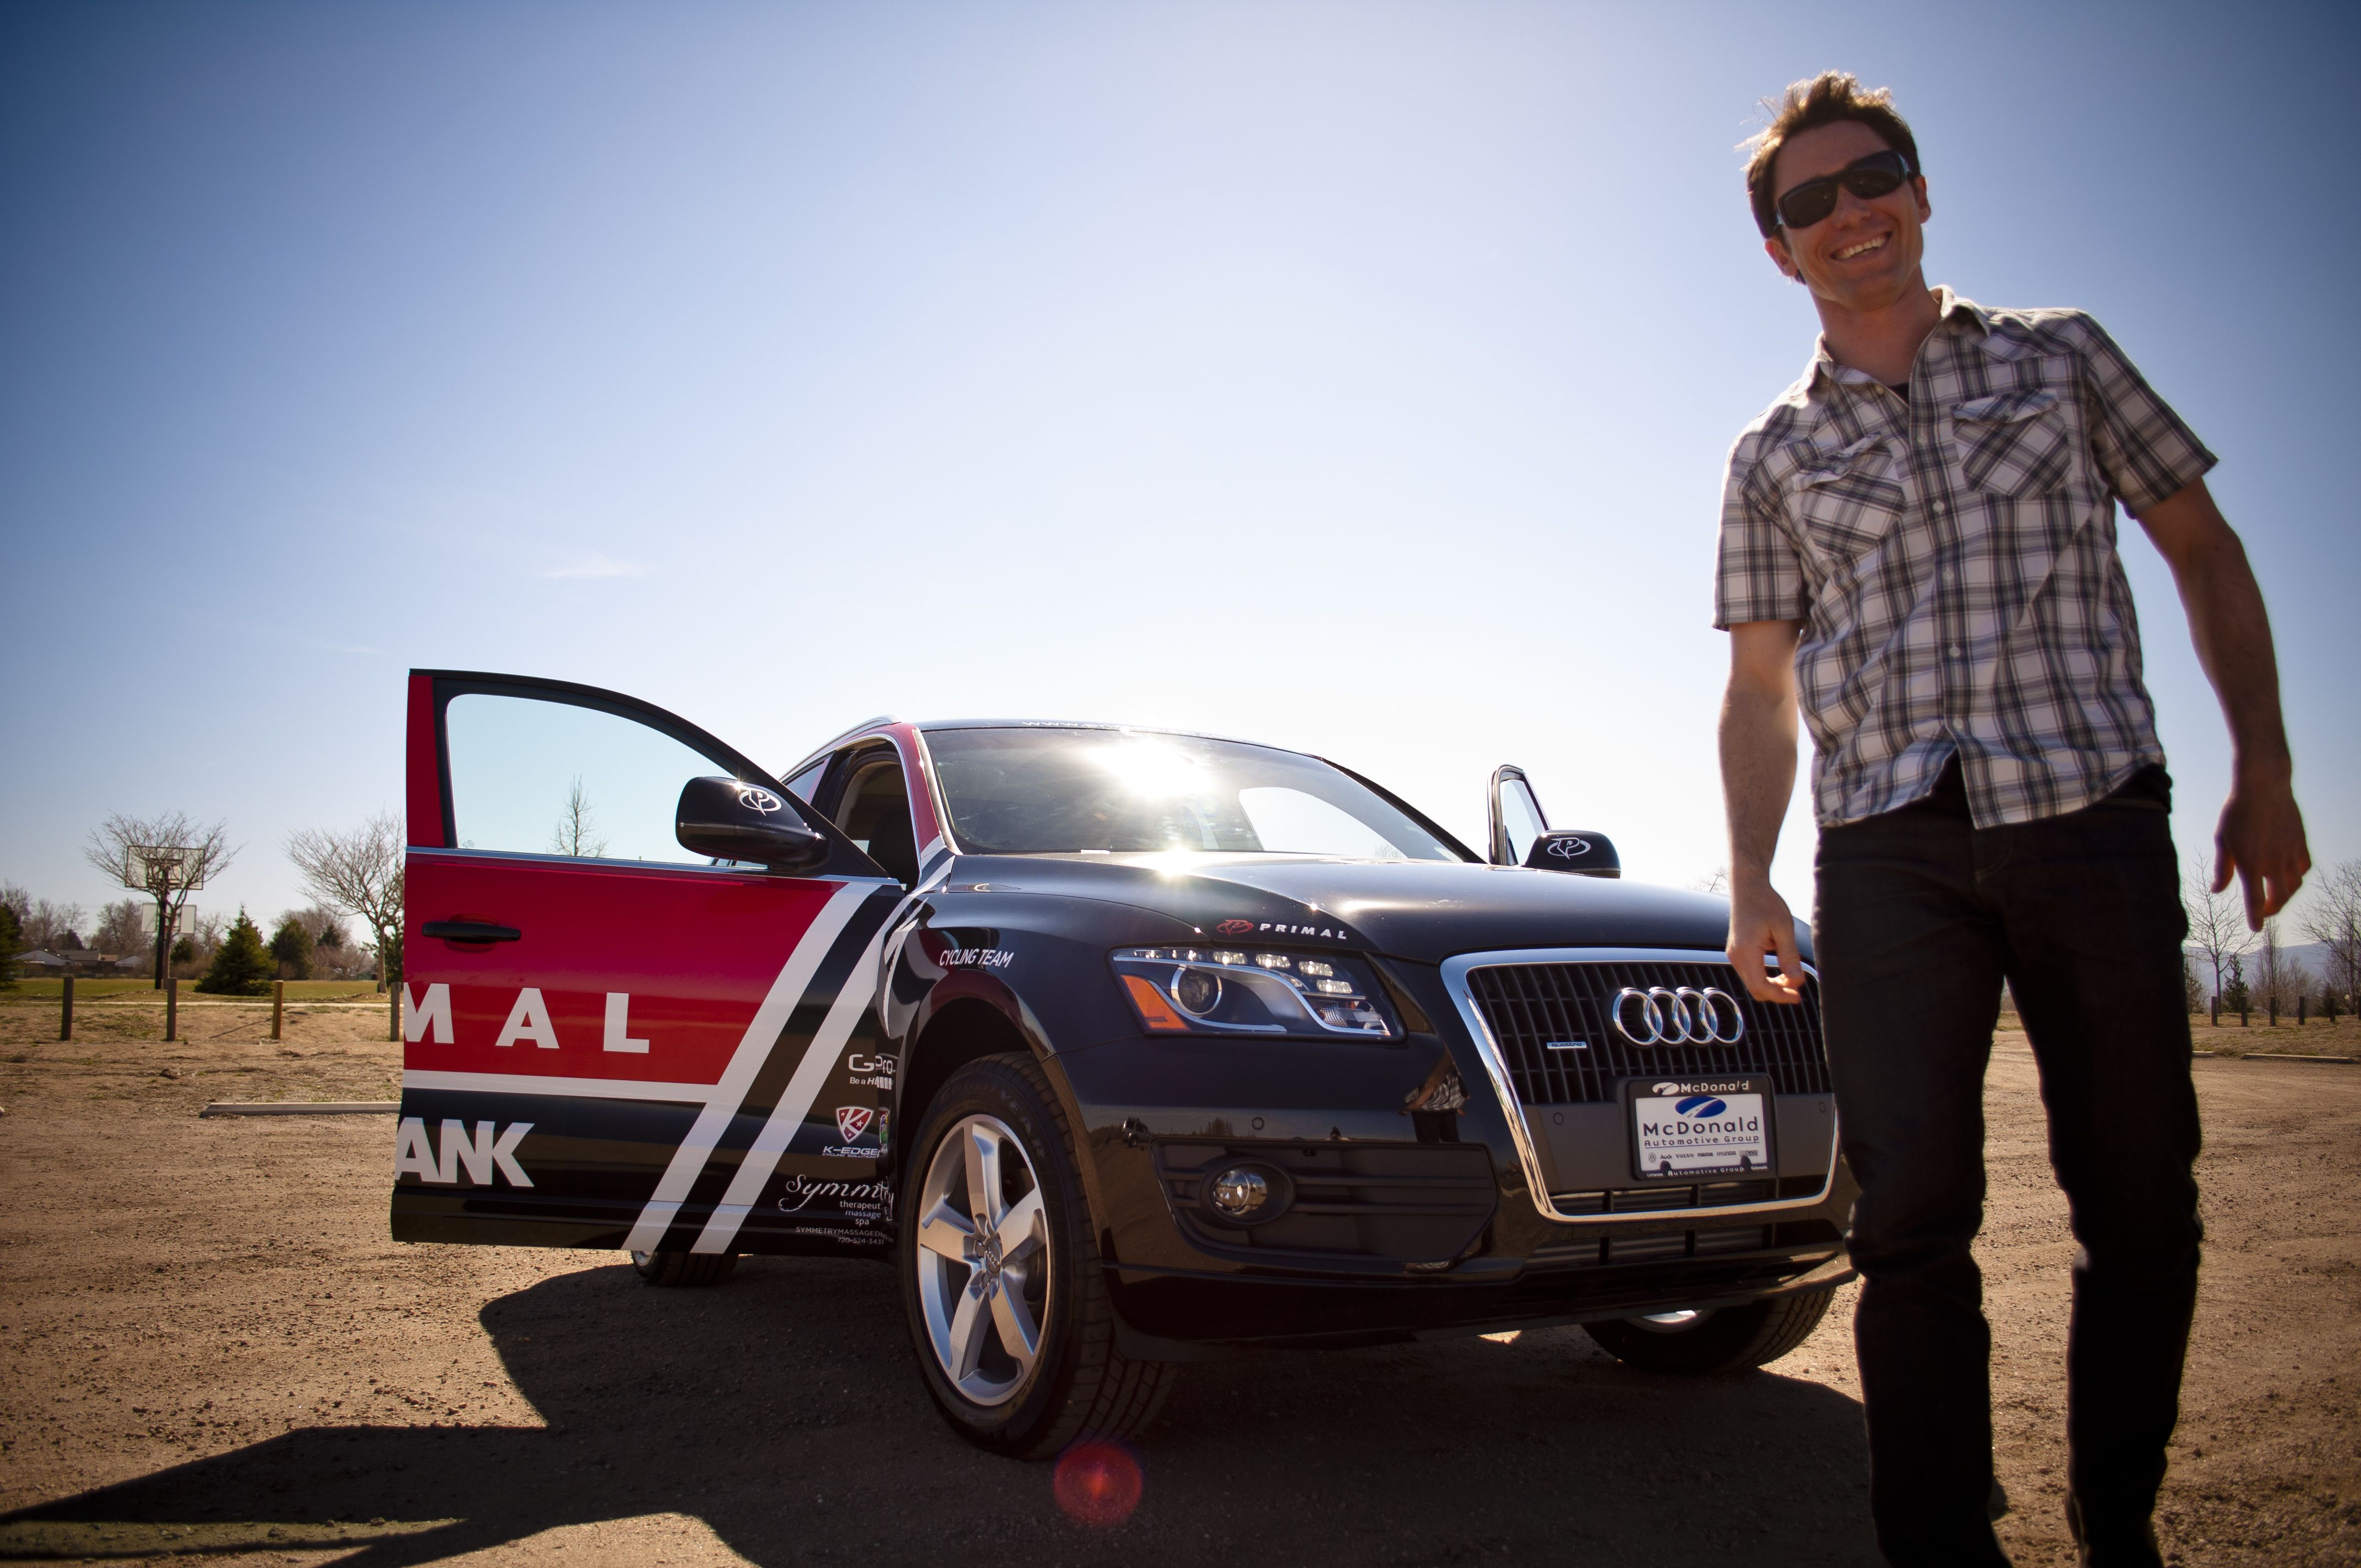 The Mens Primal Audi McDonald Audi Primal Racing Pinterest - Mcdonald audi